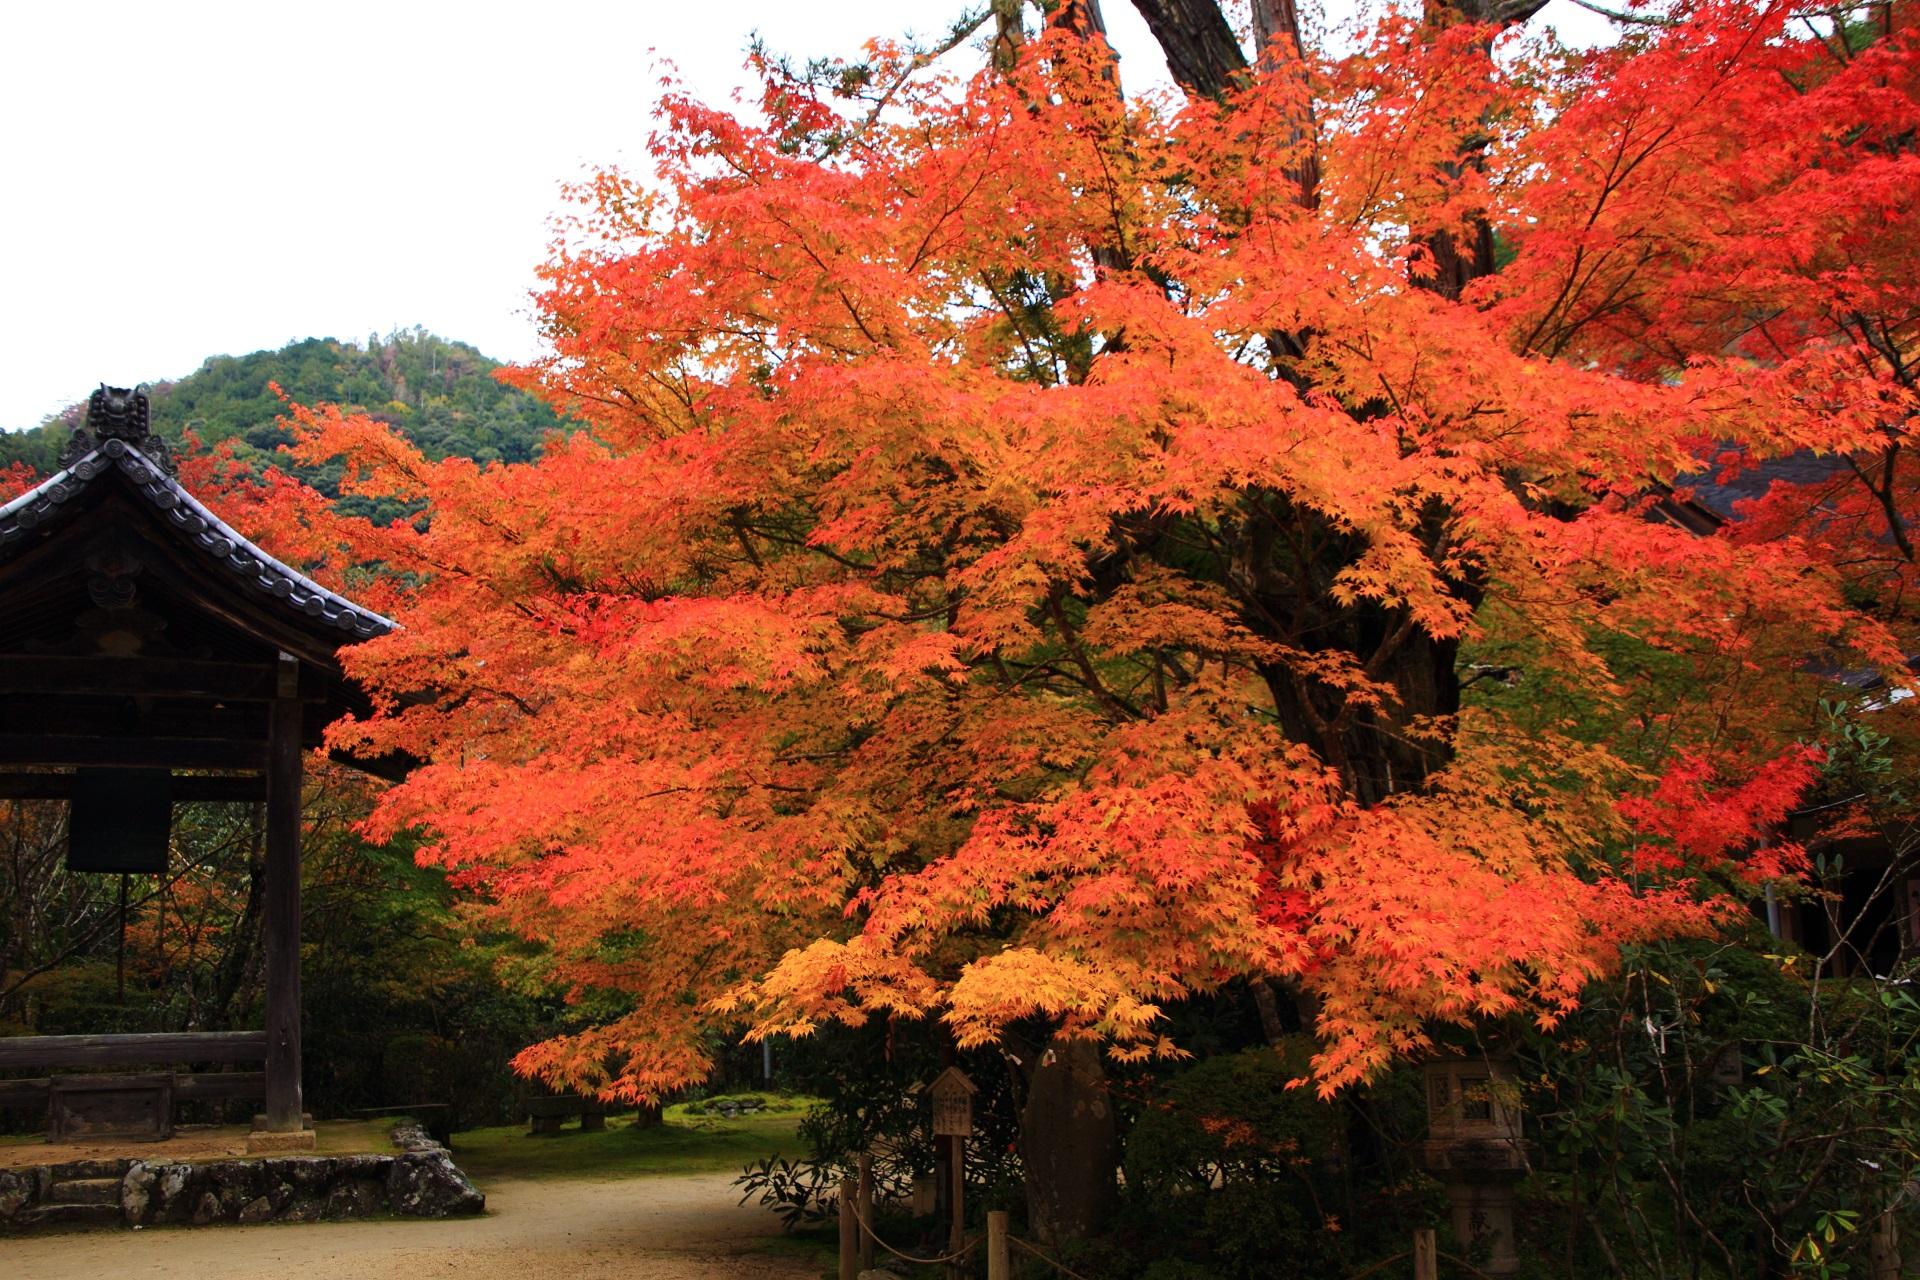 西明寺の鐘楼と息をのむ圧巻の紅葉